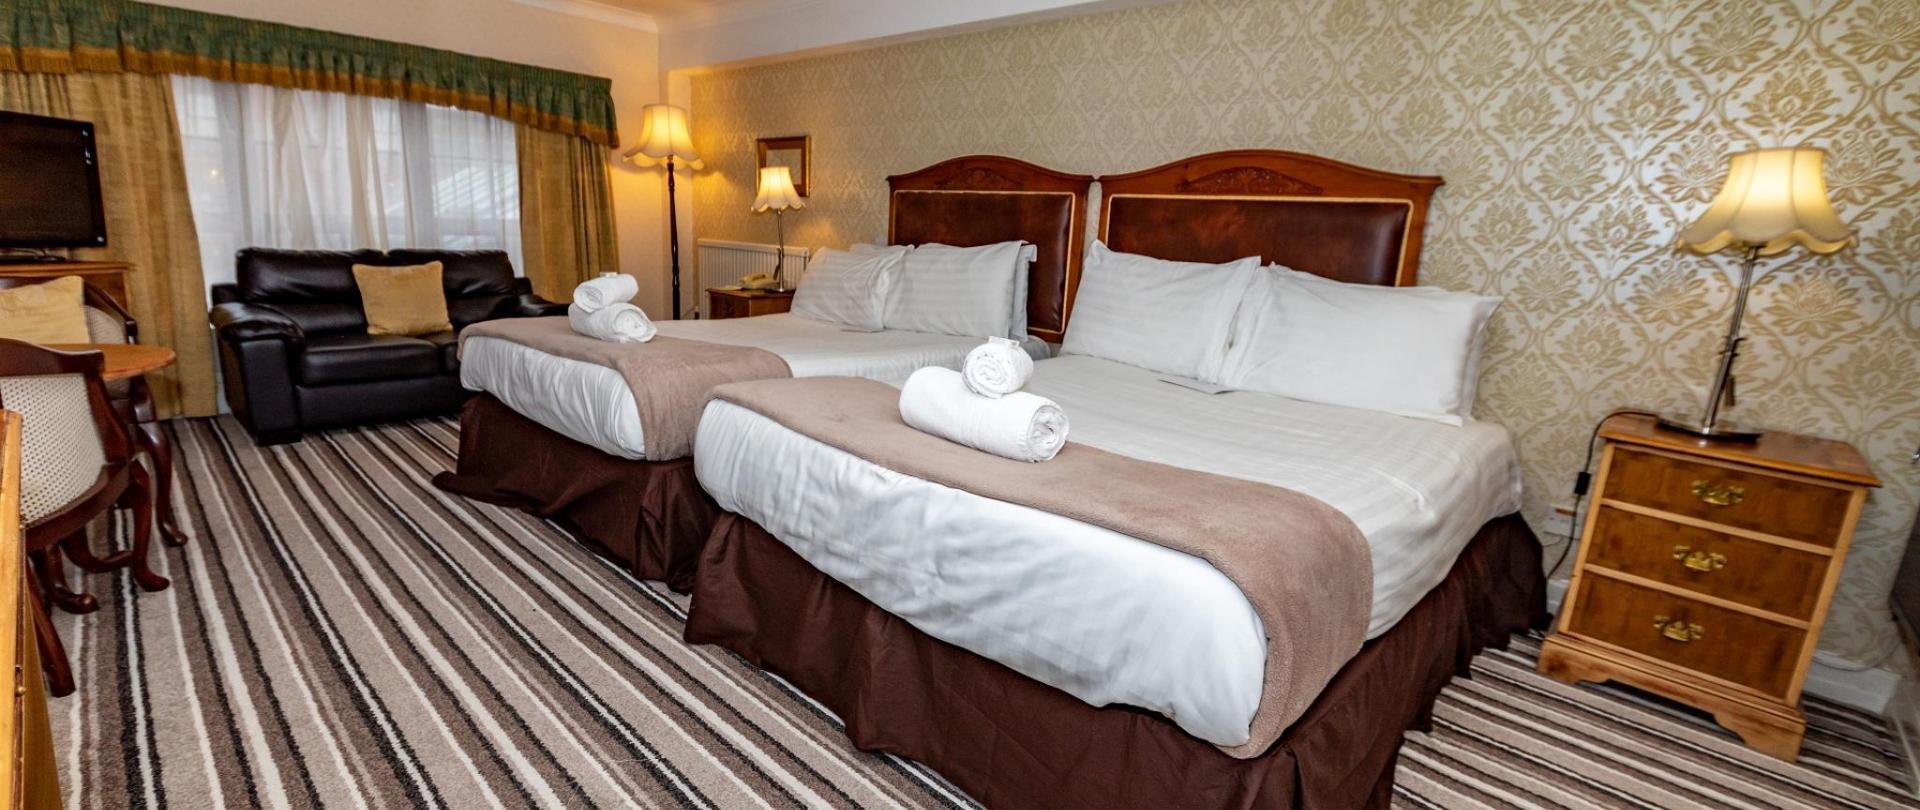 Fownes Hotel .jpg